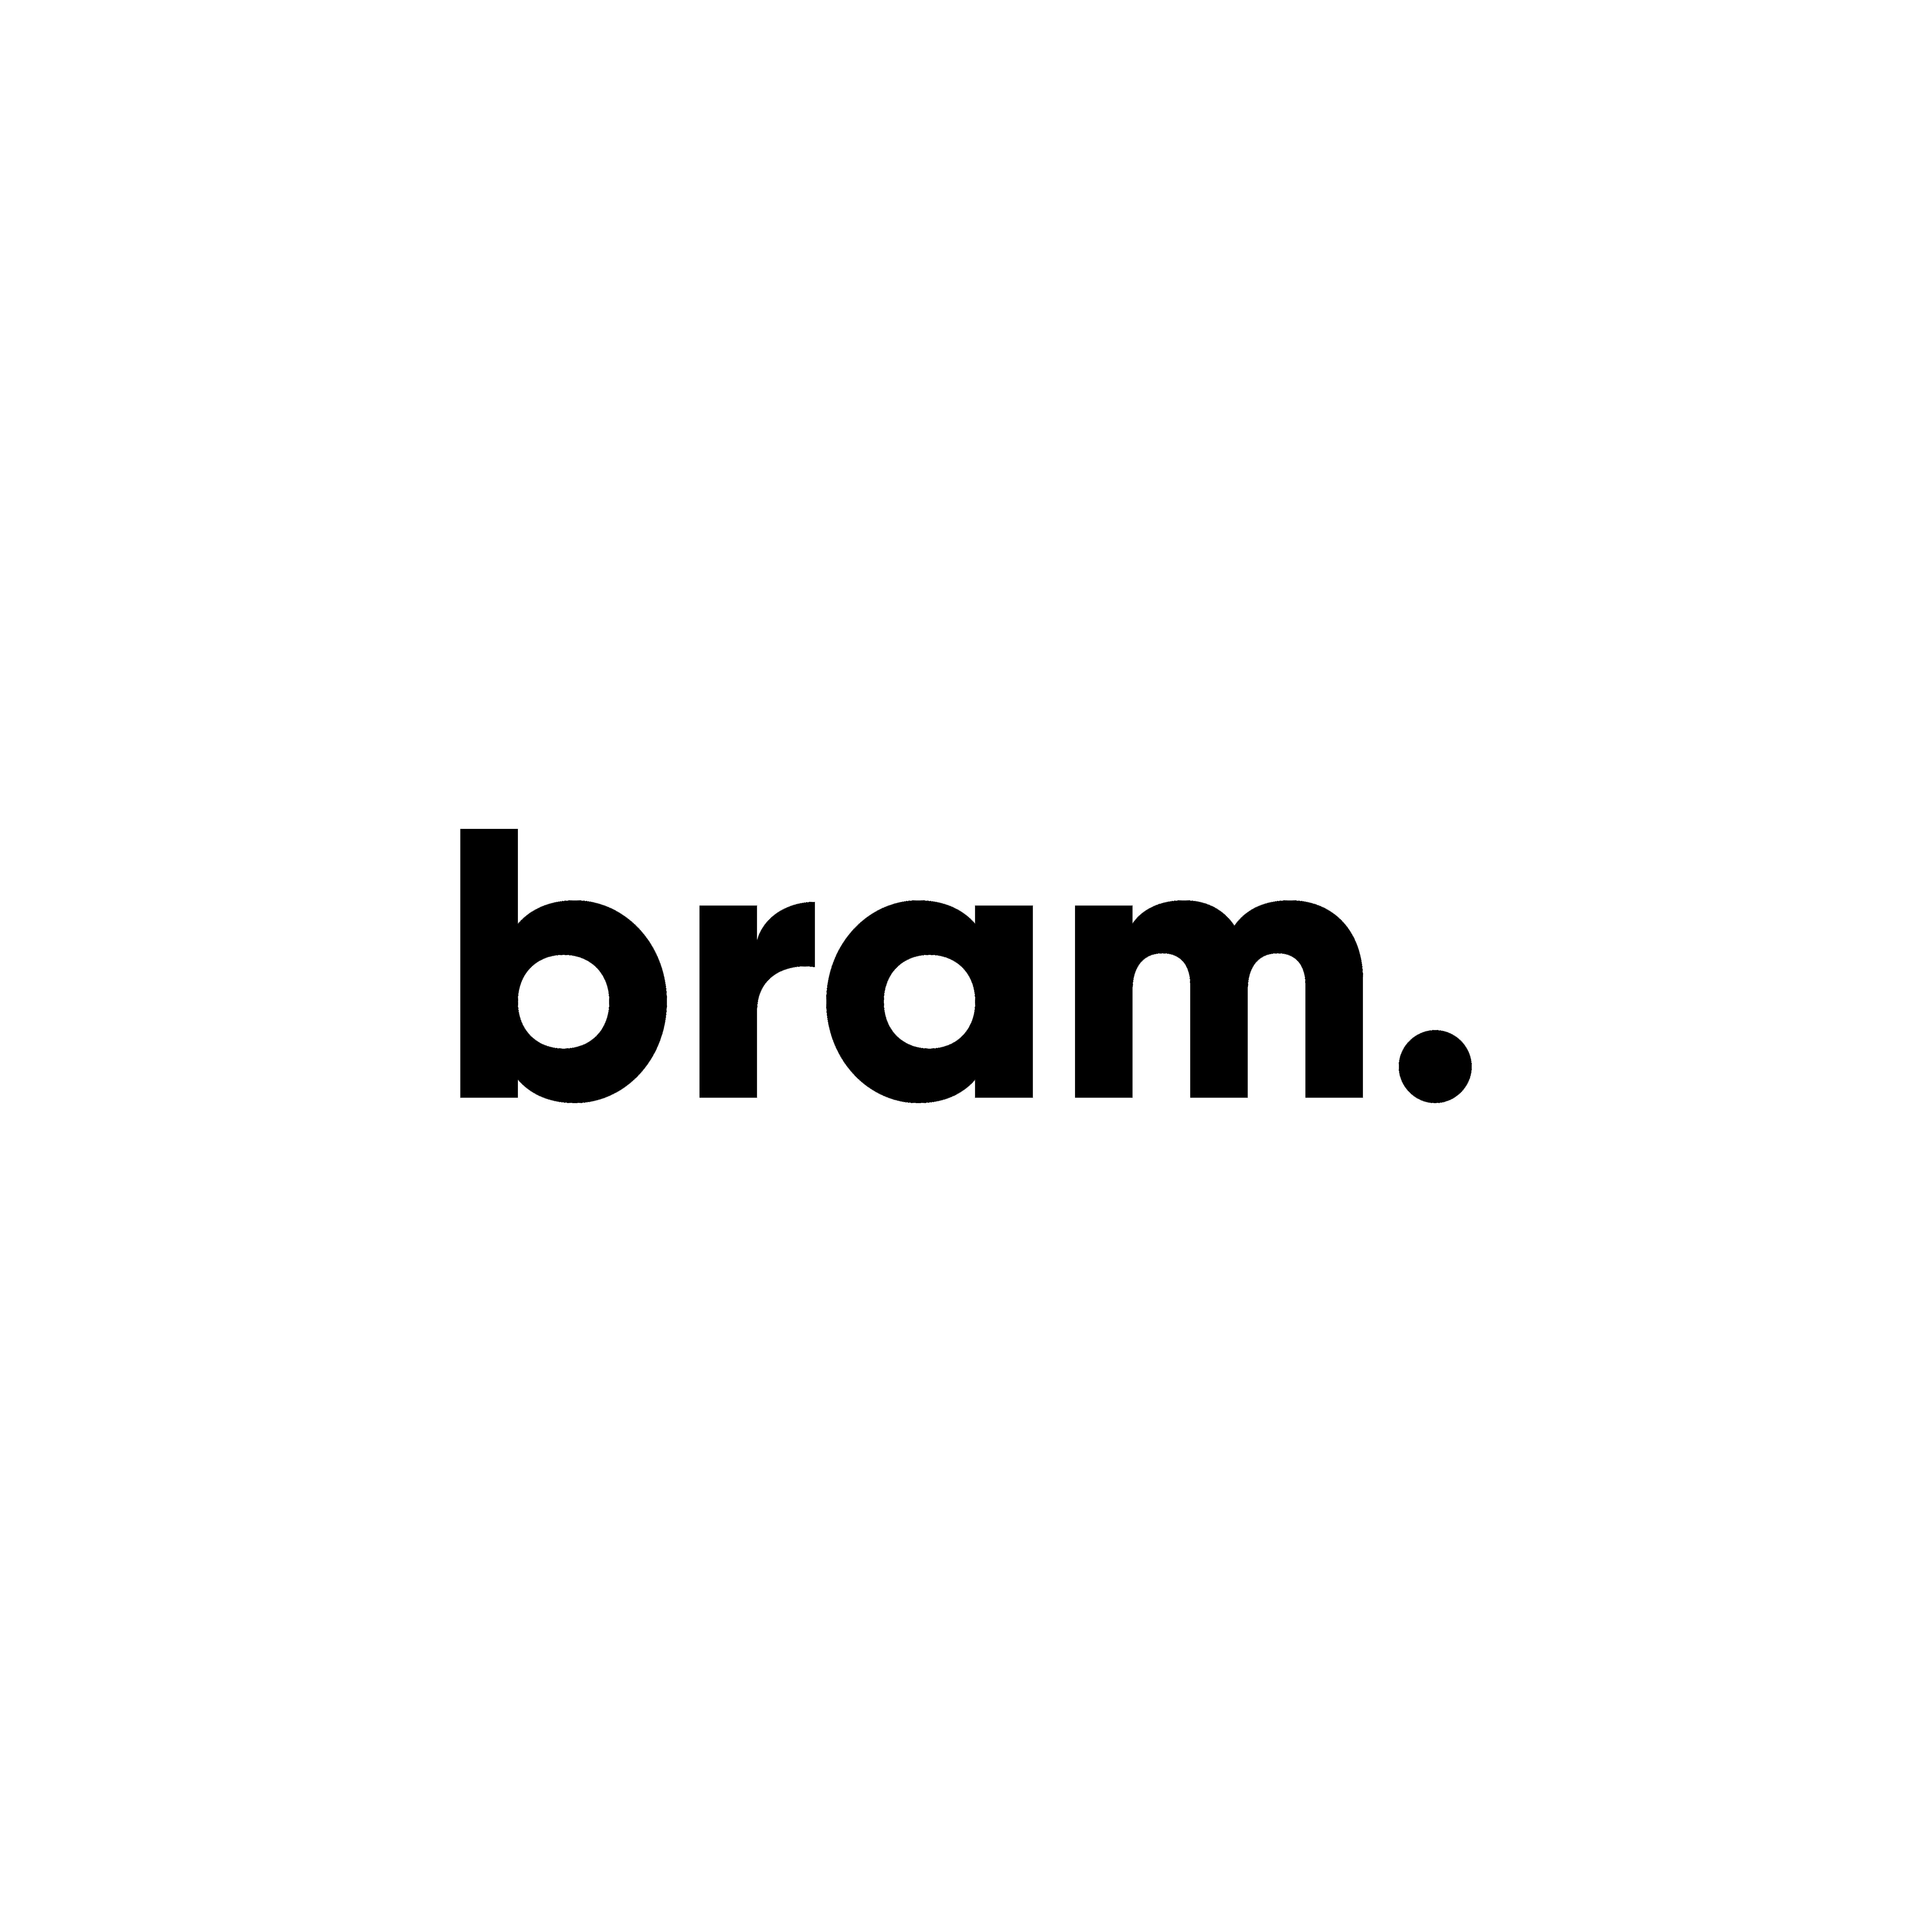 Go to bram dsgn's profile